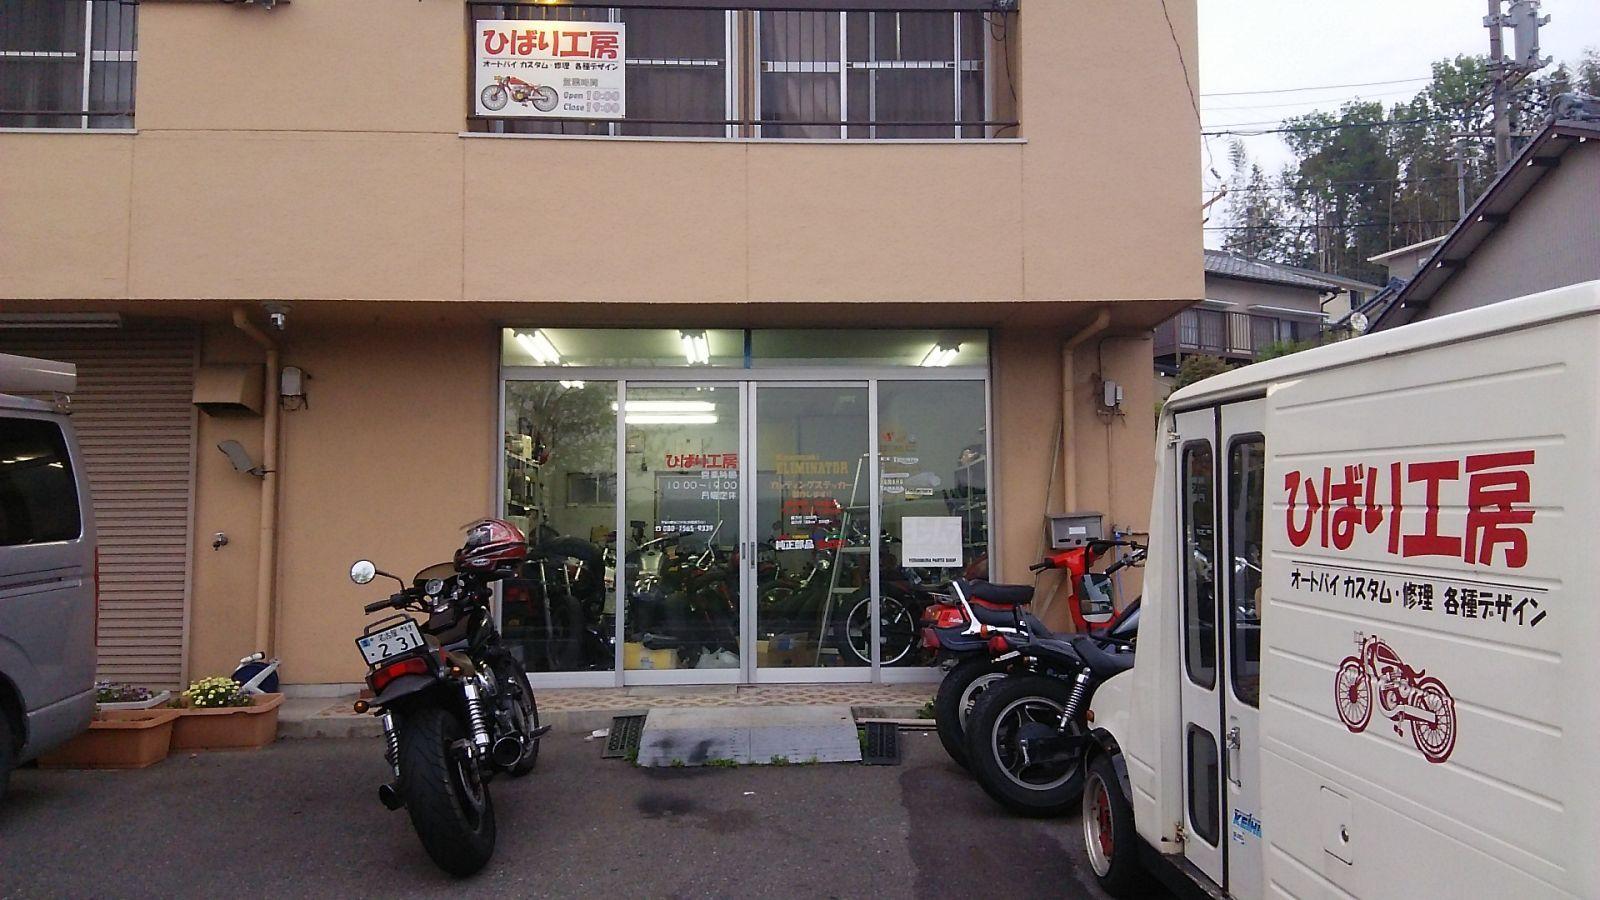 shop_0_19754_20160424175807070Hrb.JPG